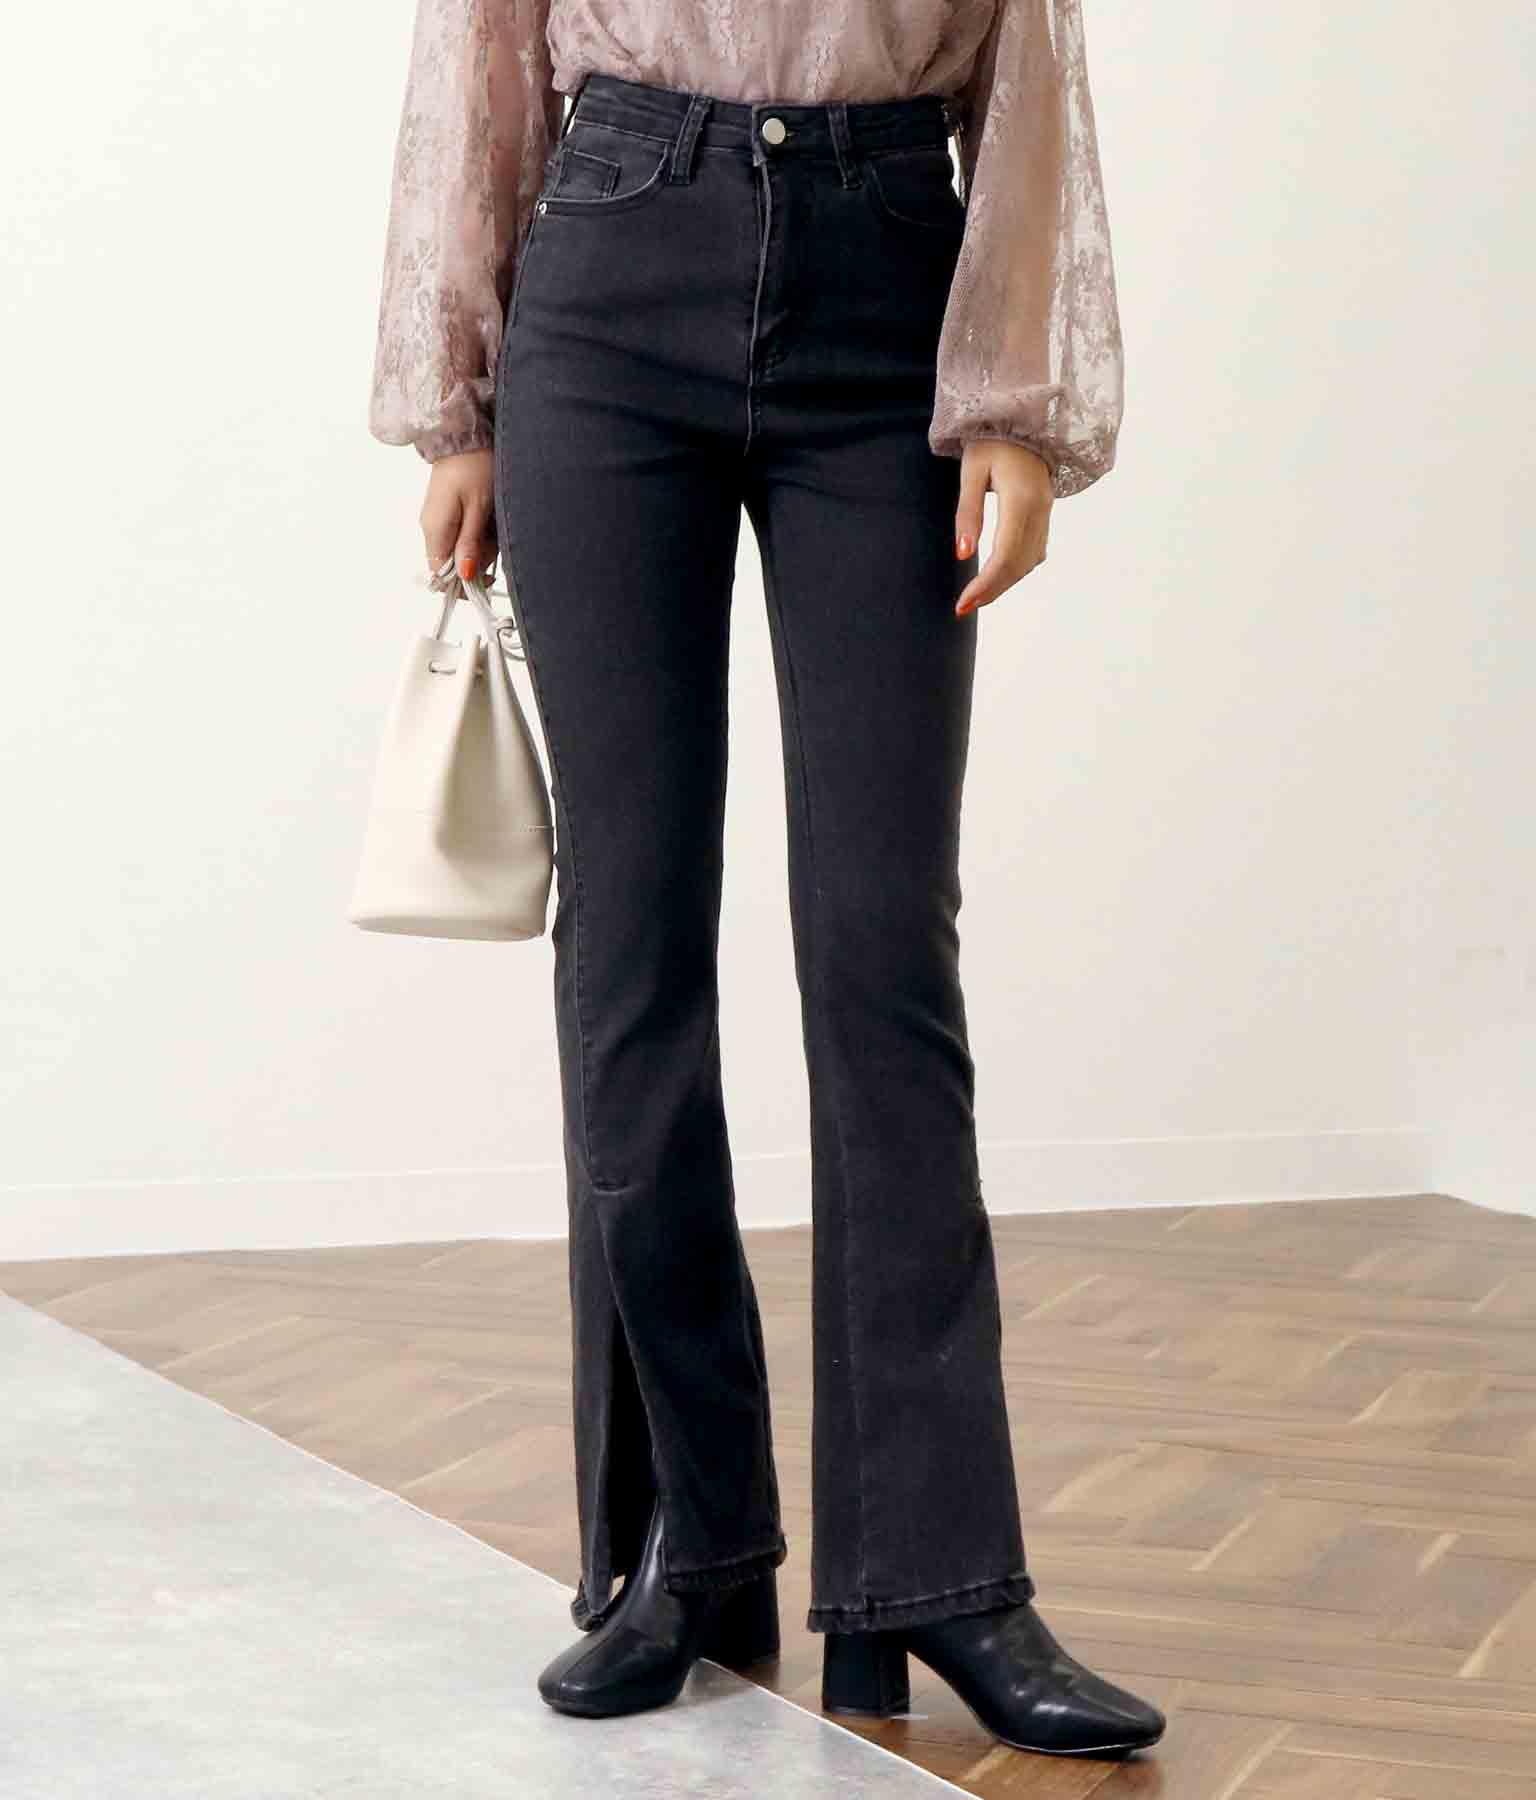 裾イレギュラーカットストレッチデニムパンツ(ボトムス・パンツ /ロングパンツ) | CHILLE